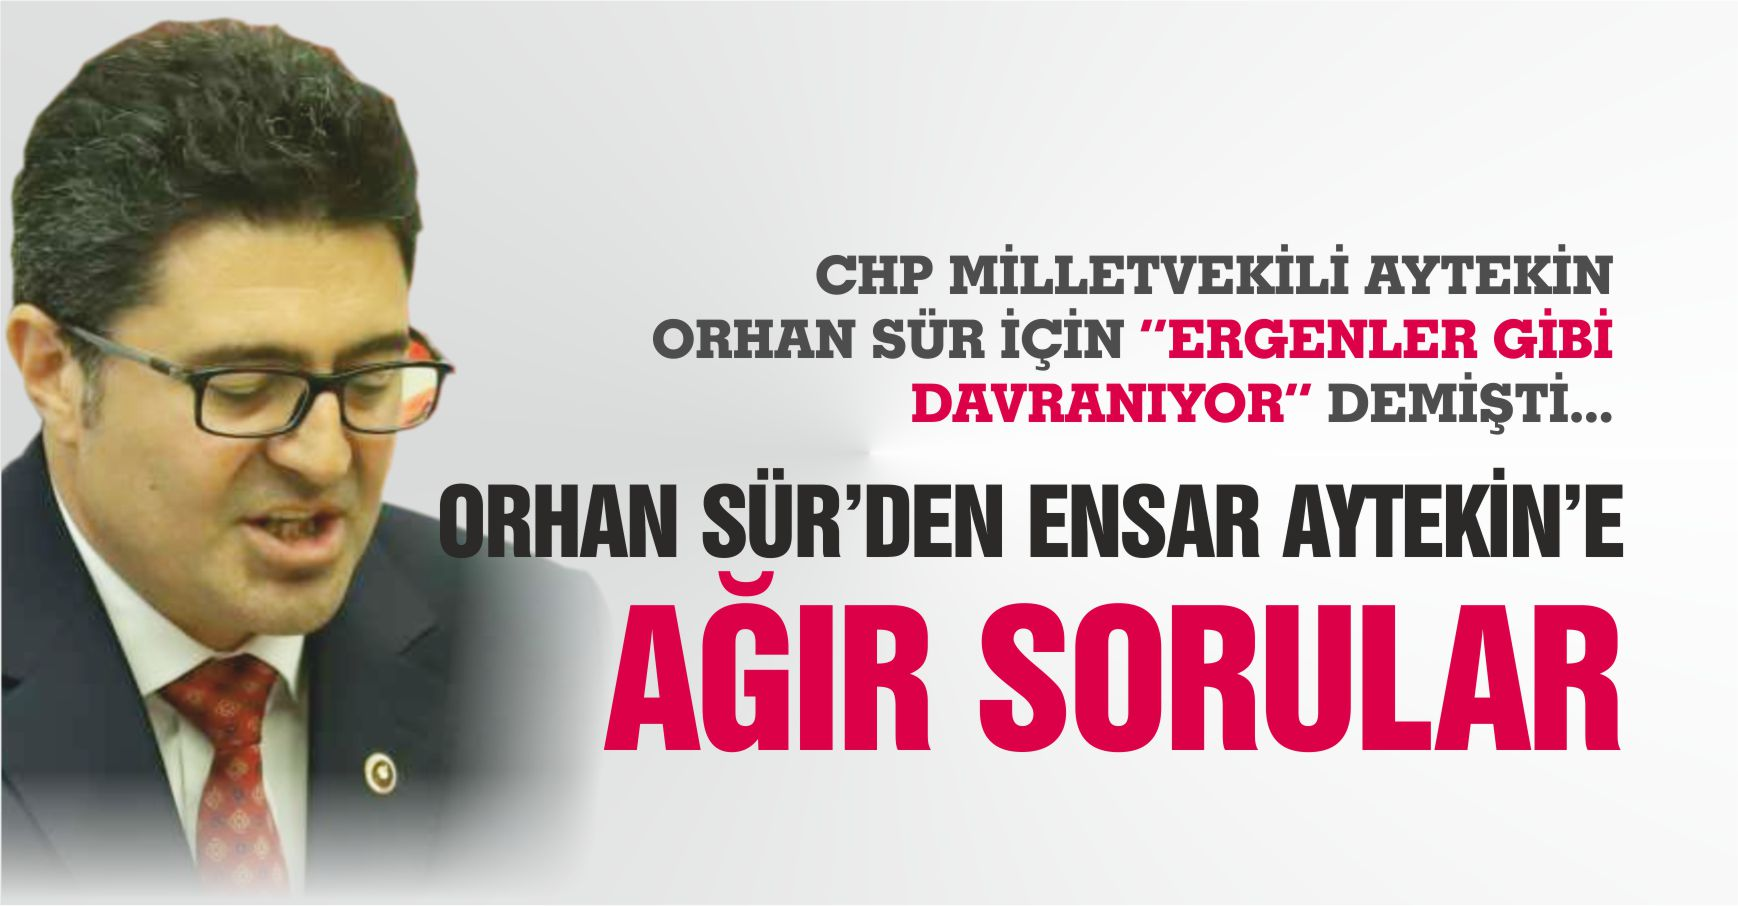 ORHAN SÜR'DEN ENSAR AYTEKİN'E AĞIR SORULAR